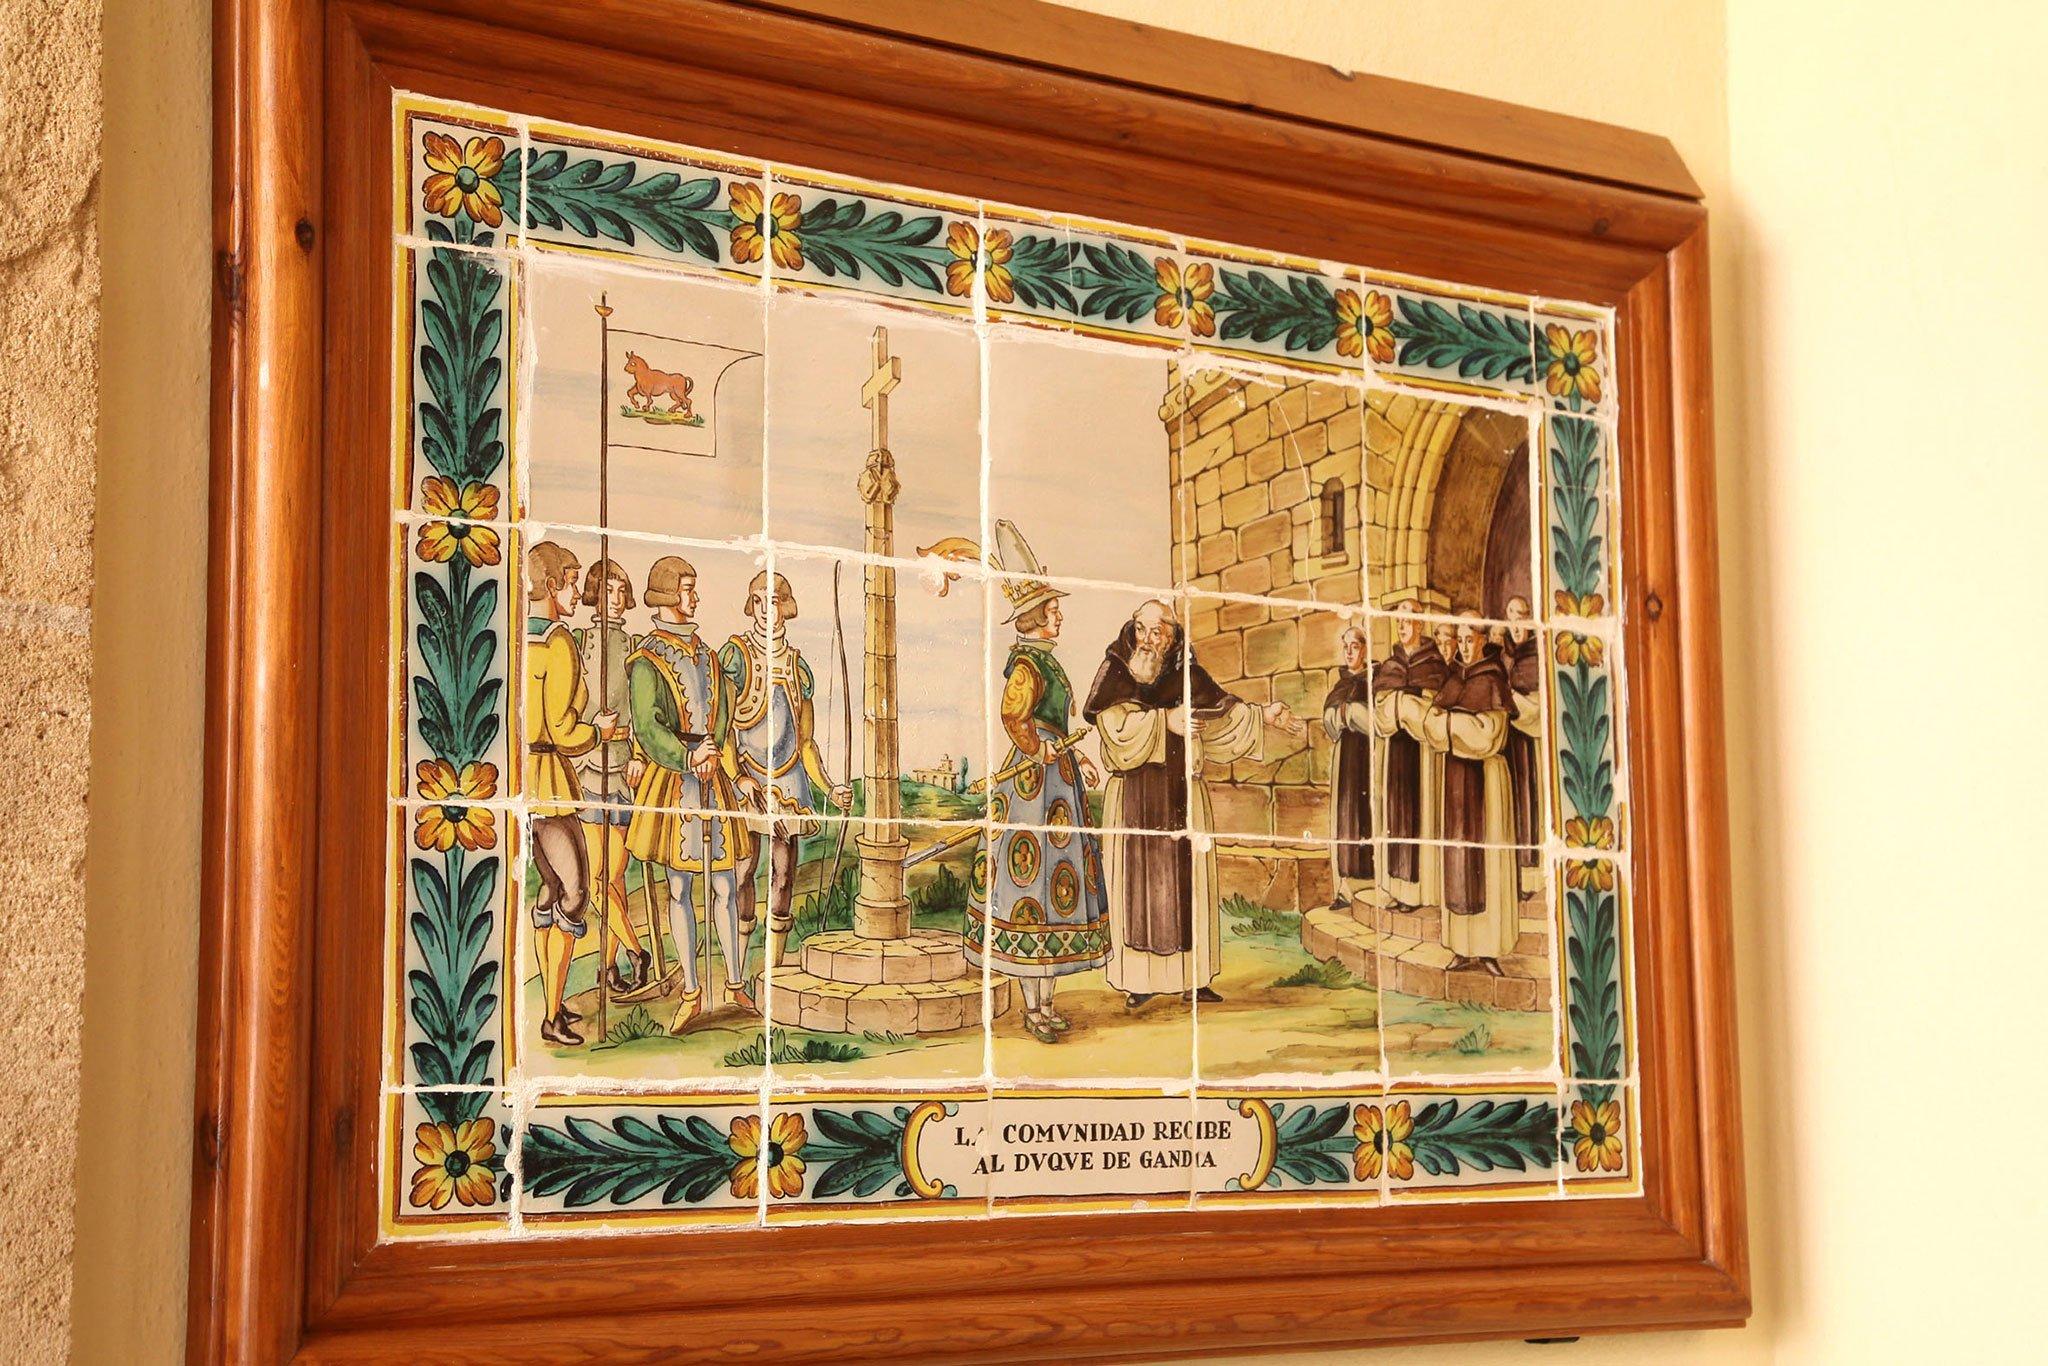 Representación en azulejos de la historia del Santuari de la Mare de Déu dels Àngels de Xàbia: la comunidad recibe al Duque de Gandía